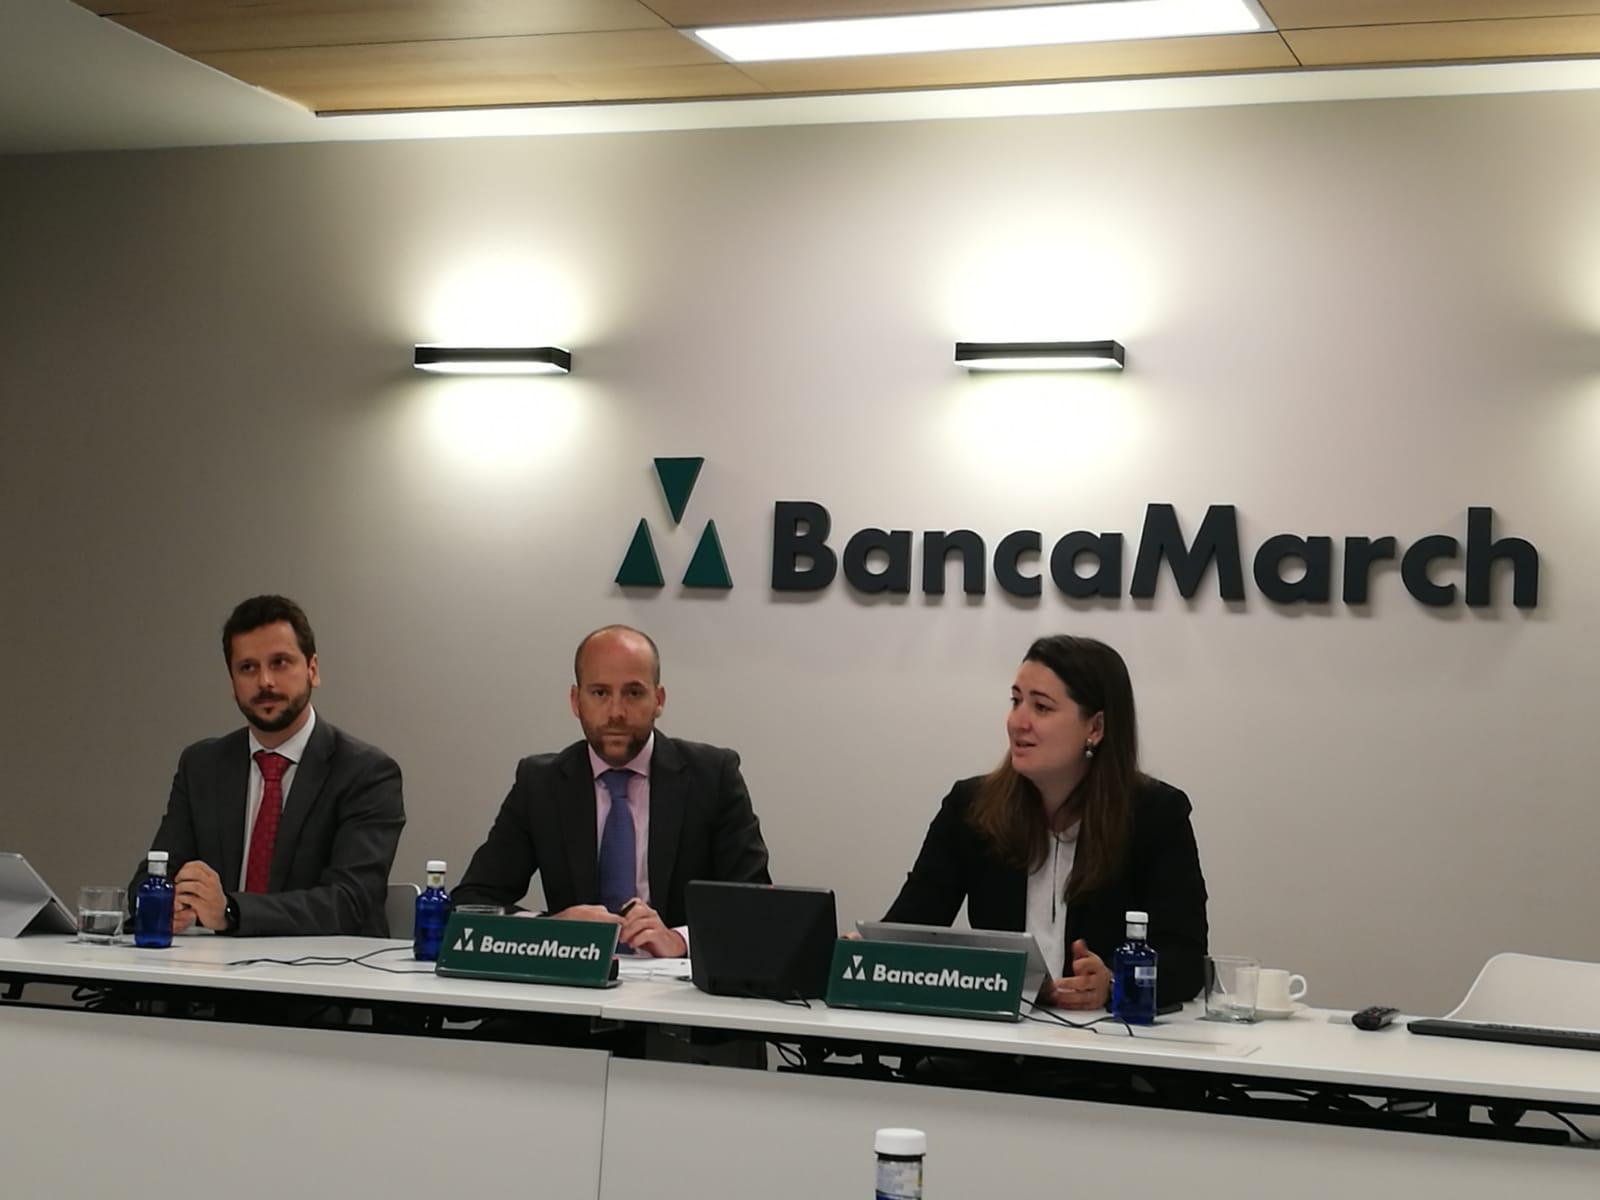 A la derecha, Andreea Niculcea, directora de Transformación Digital de Banca March.